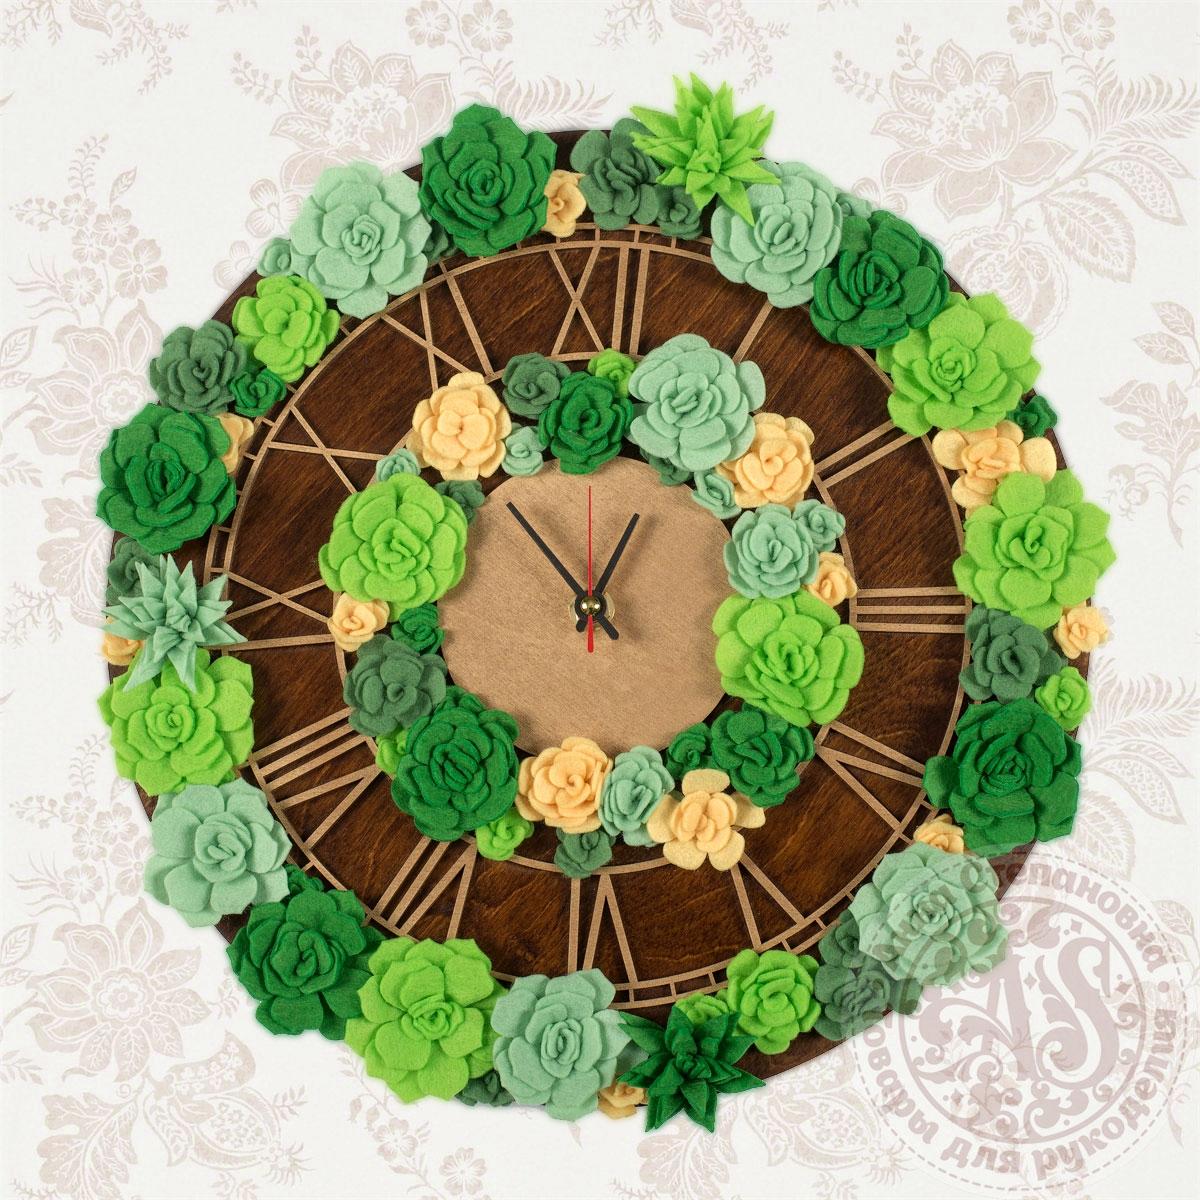 Набор для создания часов «Весенняя свежесть» Премиум